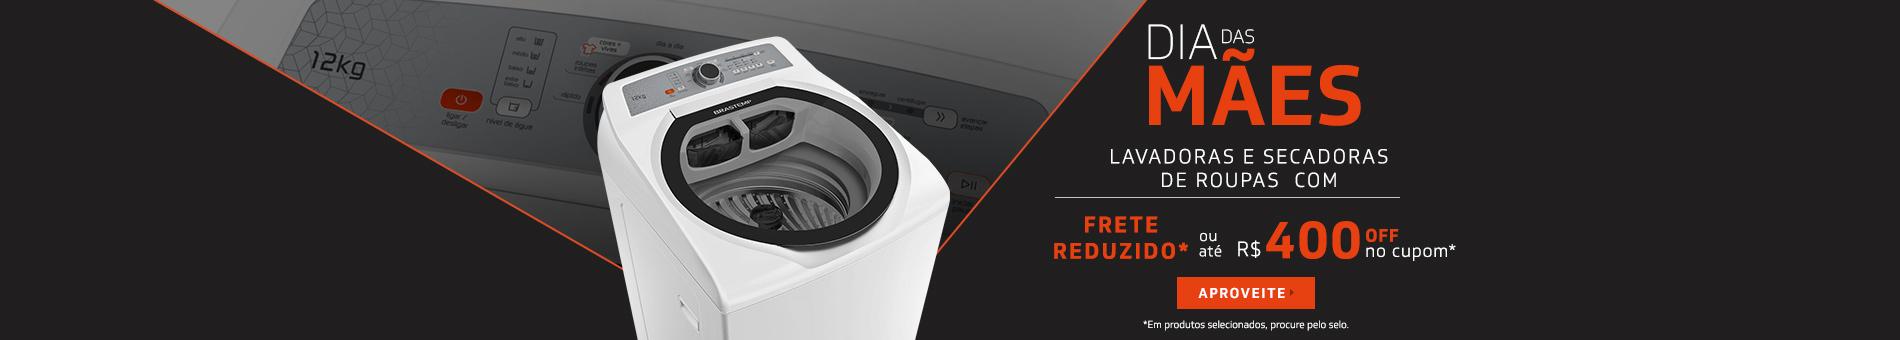 Promoção Interna - 2266 - camp-maes_lavadora-secadora-freteoucupom_25042018_home4 - lavadora-secadora-freteoucupom - 4